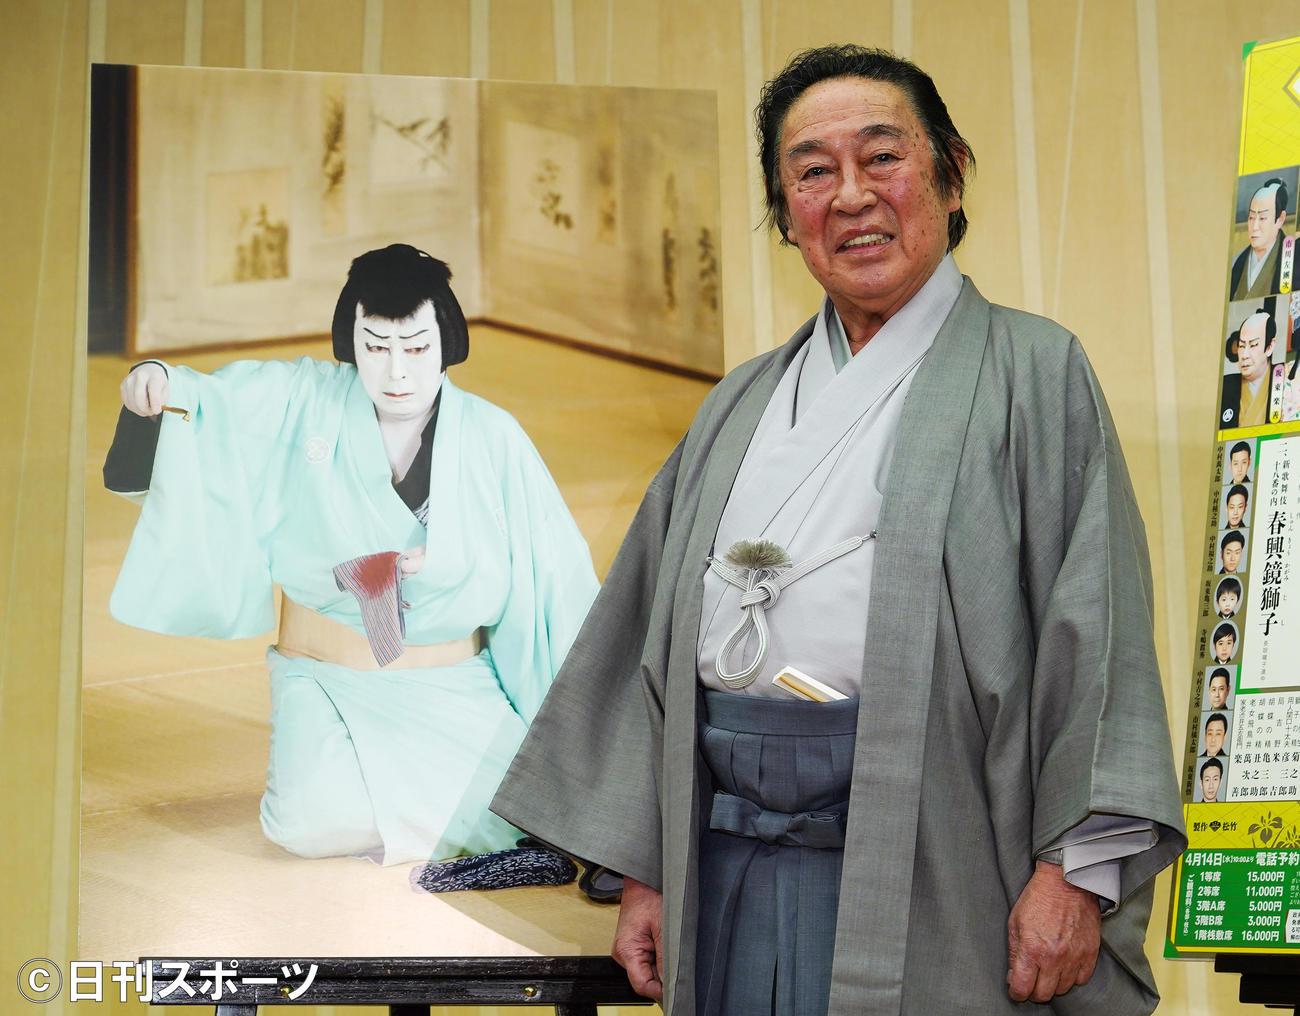 尾上菊五郎 入院中の中村吉右衛門にエール「ただただ元気に戻って」